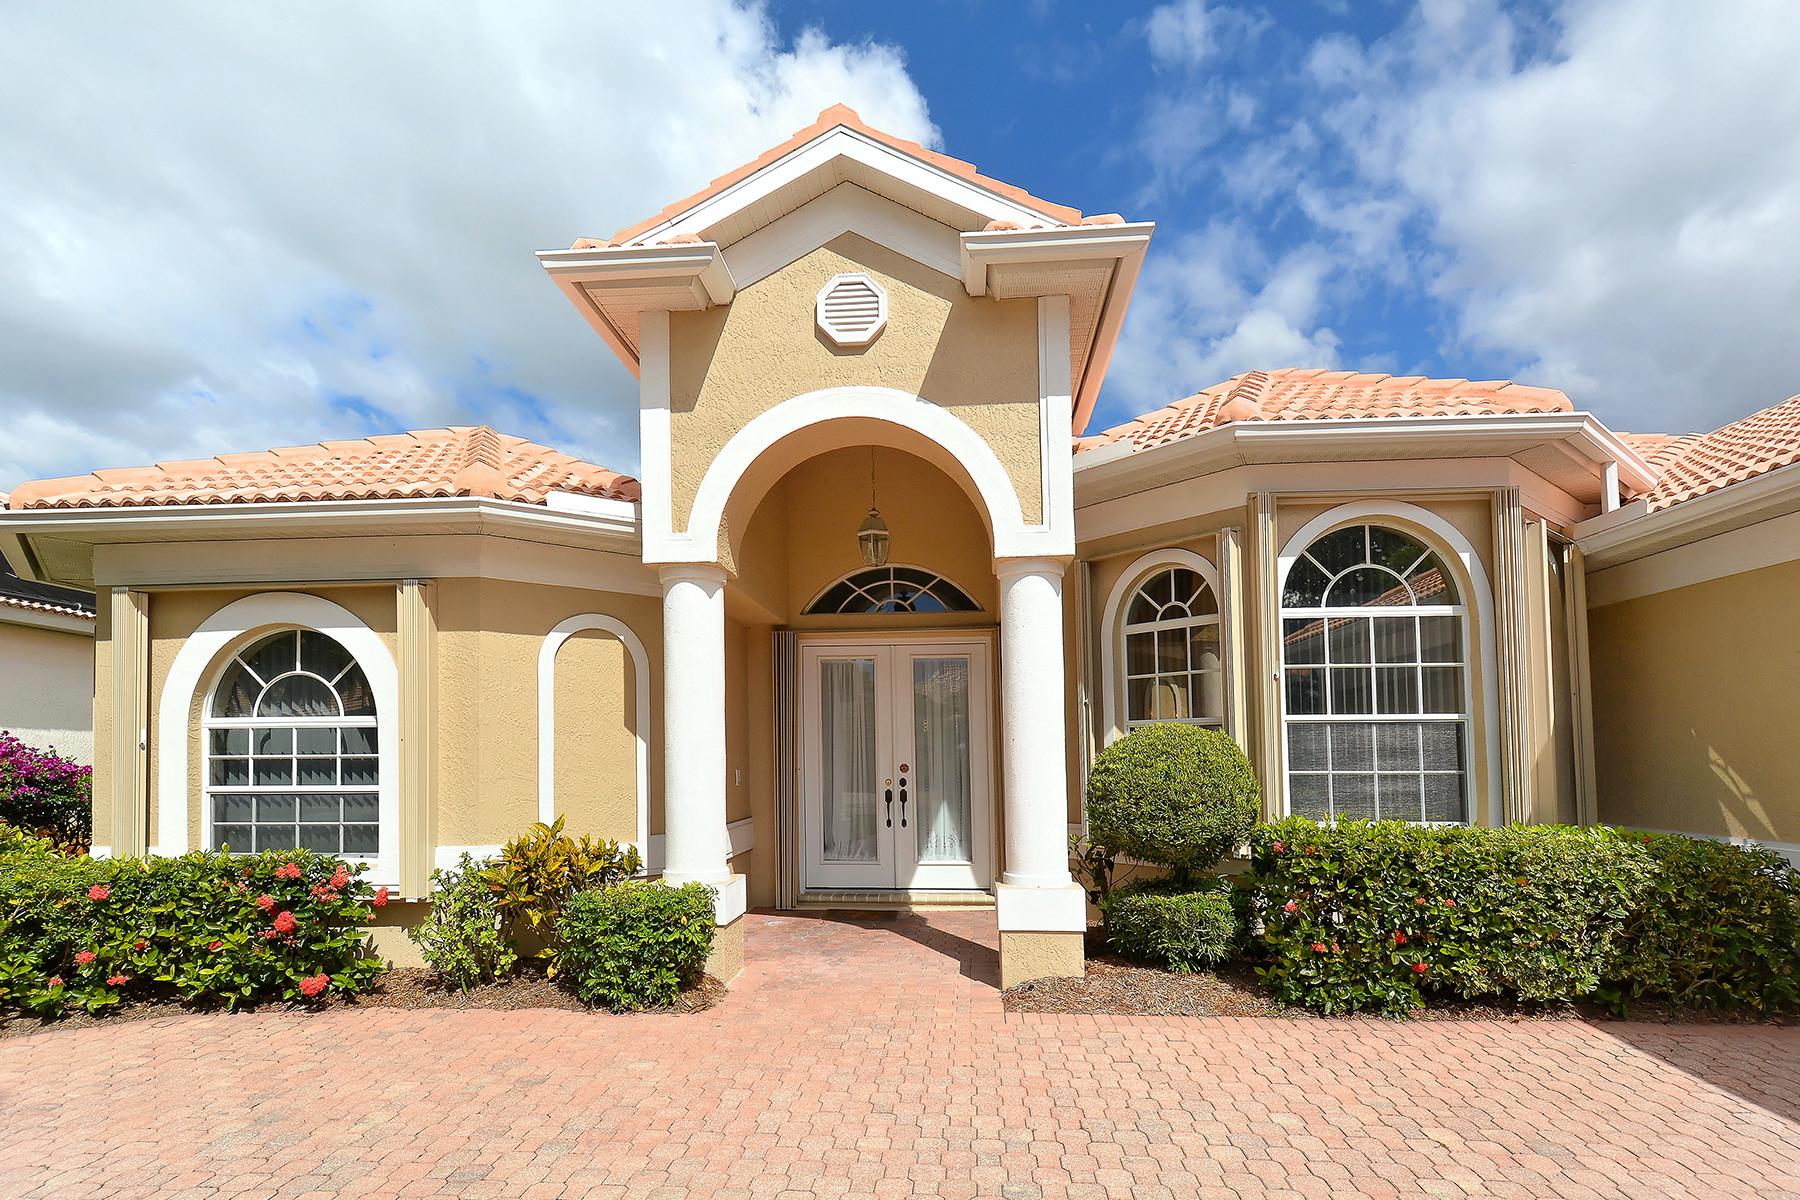 独户住宅 为 销售 在 VENETIA 4945 Bella Terra Dr 威尼斯, 佛罗里达州, 34293 美国